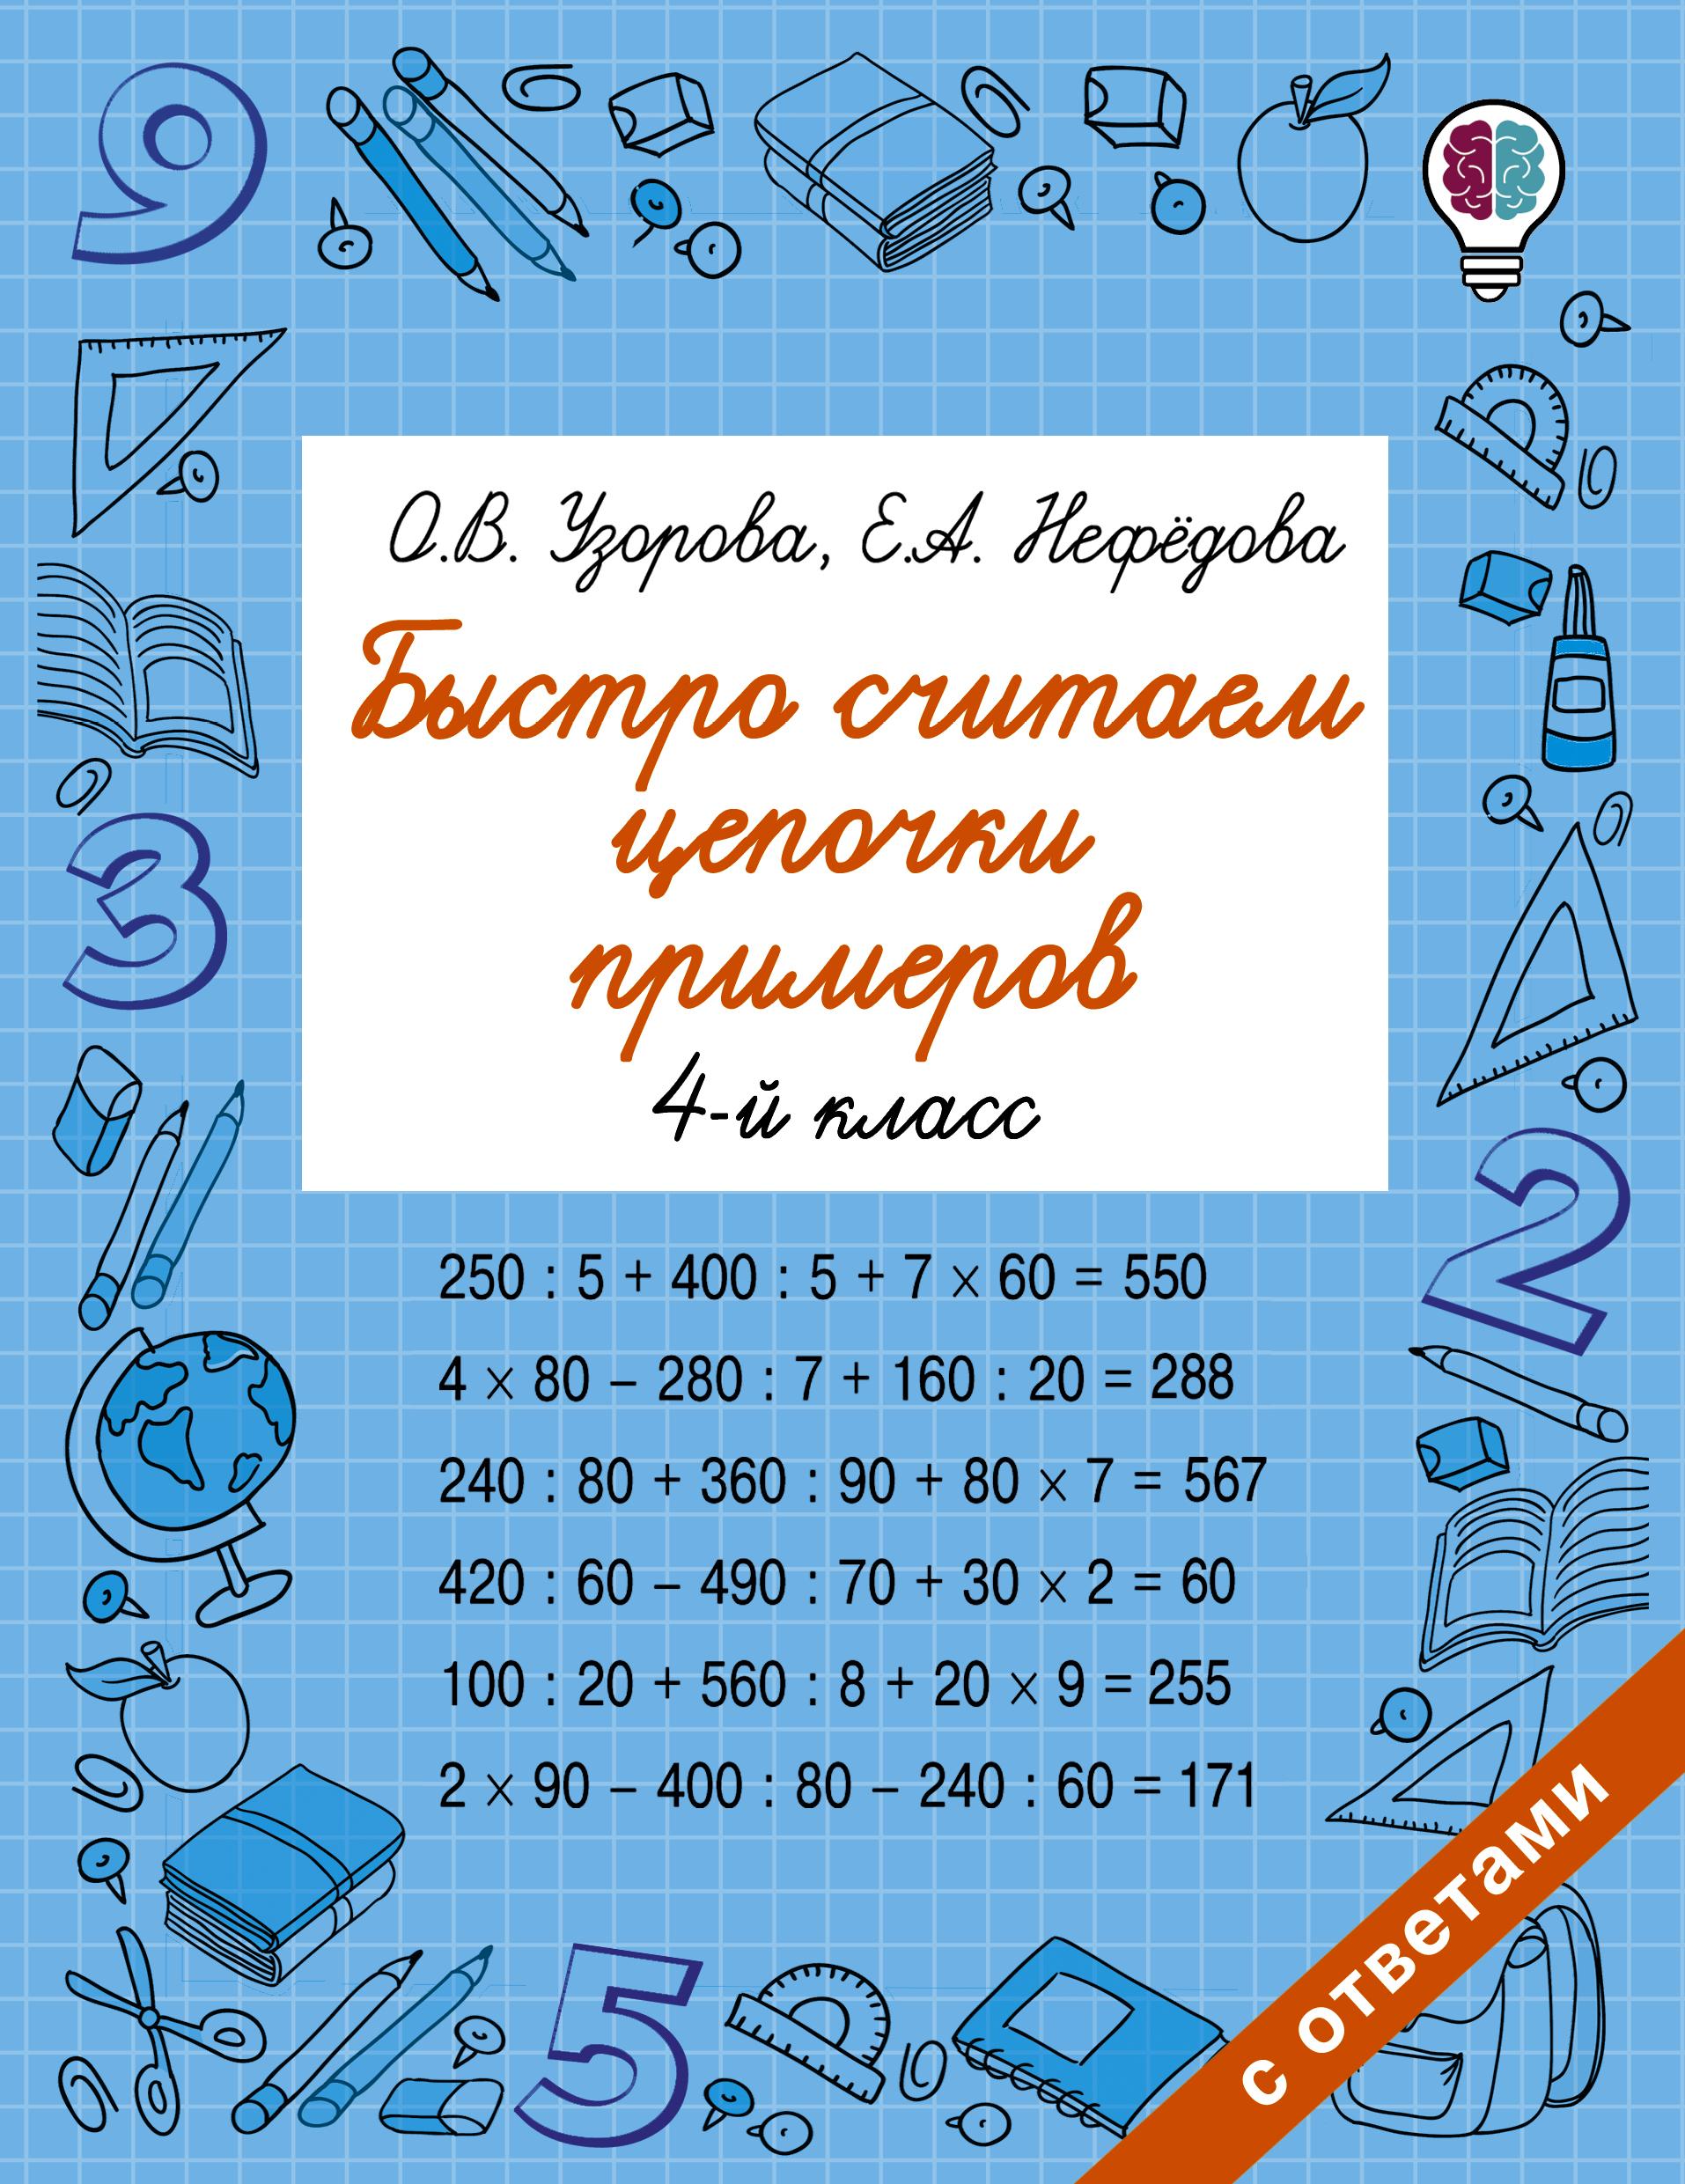 Узорова О.В., Нефедова Е.А. Быстро считаем цепочки примеров. 4 класс ISBN: 978-5-17-982797-9 эксмо считаем быстро и правильно 4 й класс